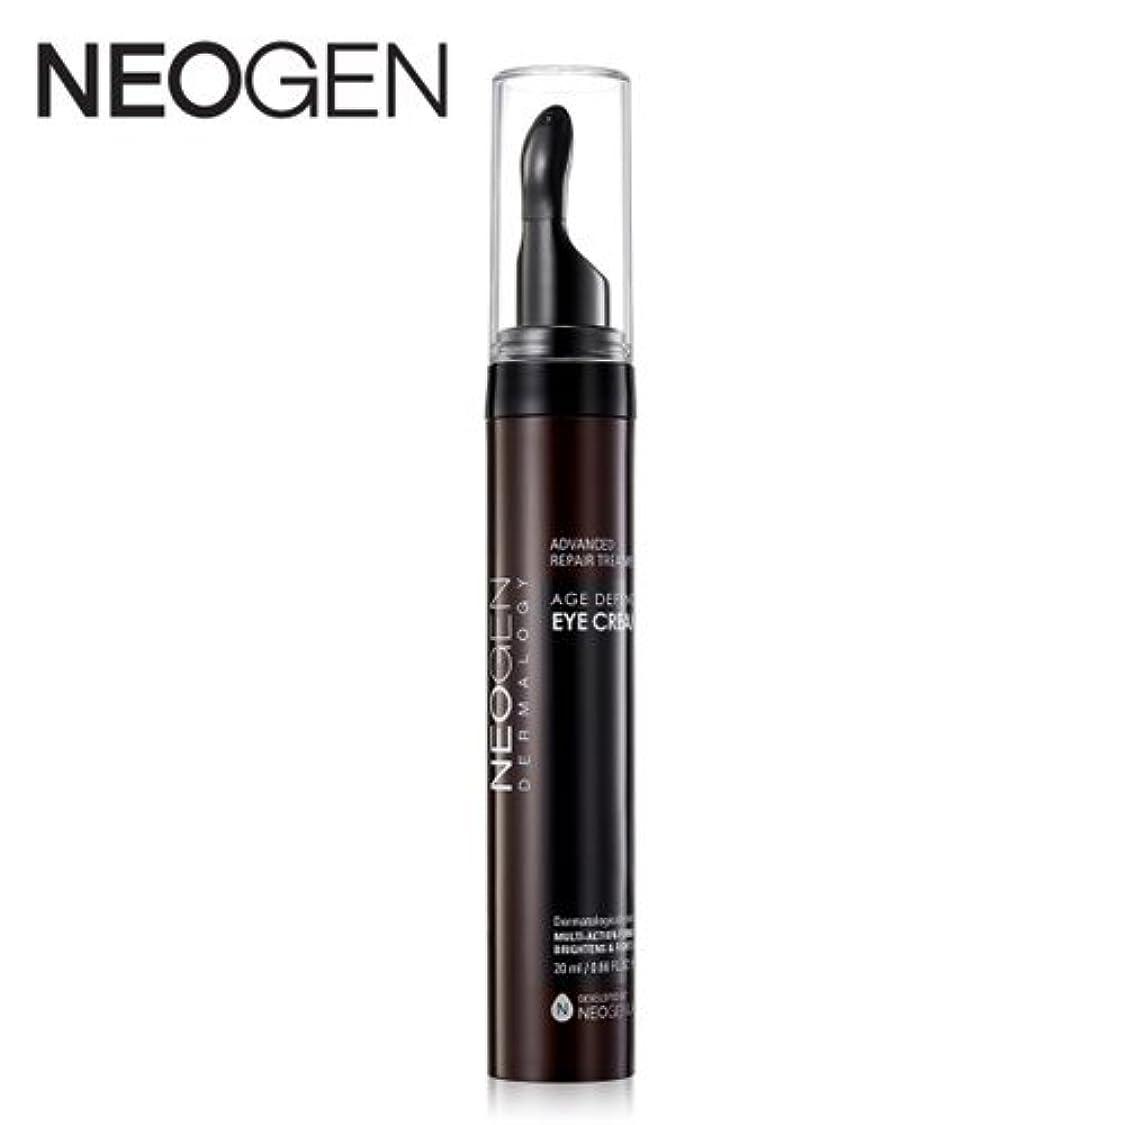 カートリッジ苦悩処方する[OUTLET] NEOGEN Dermalogy Age Defence Eye Cream /ネオジェン ダーマロジーエイジディフェンスアイクリーム20ml [並行輸入品]